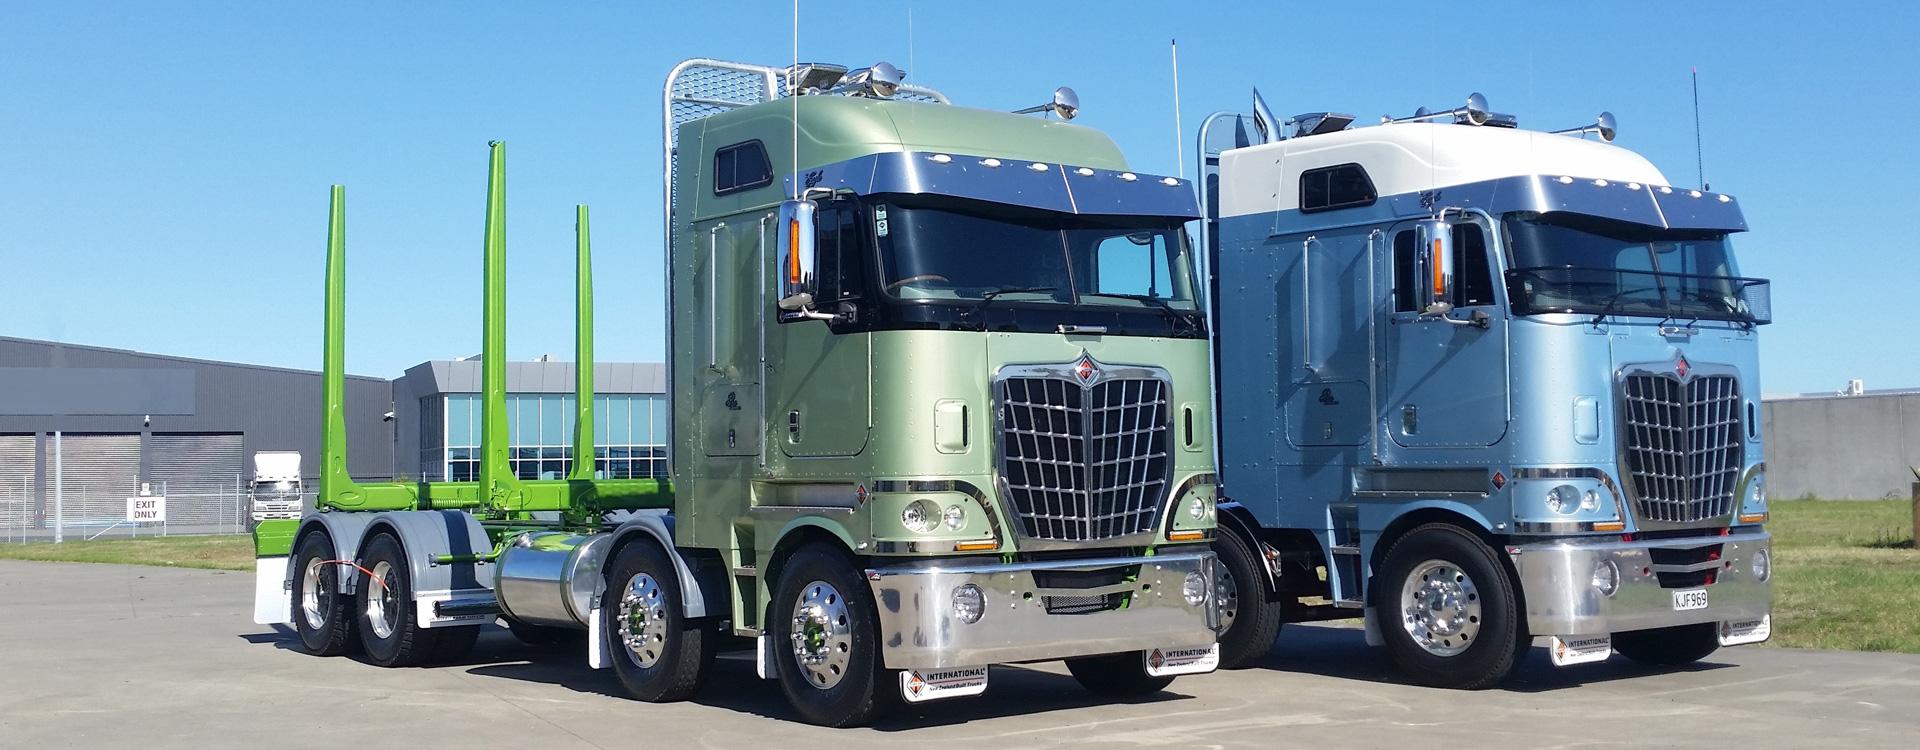 International 9870 Intertruck Distributors Nz Ltd